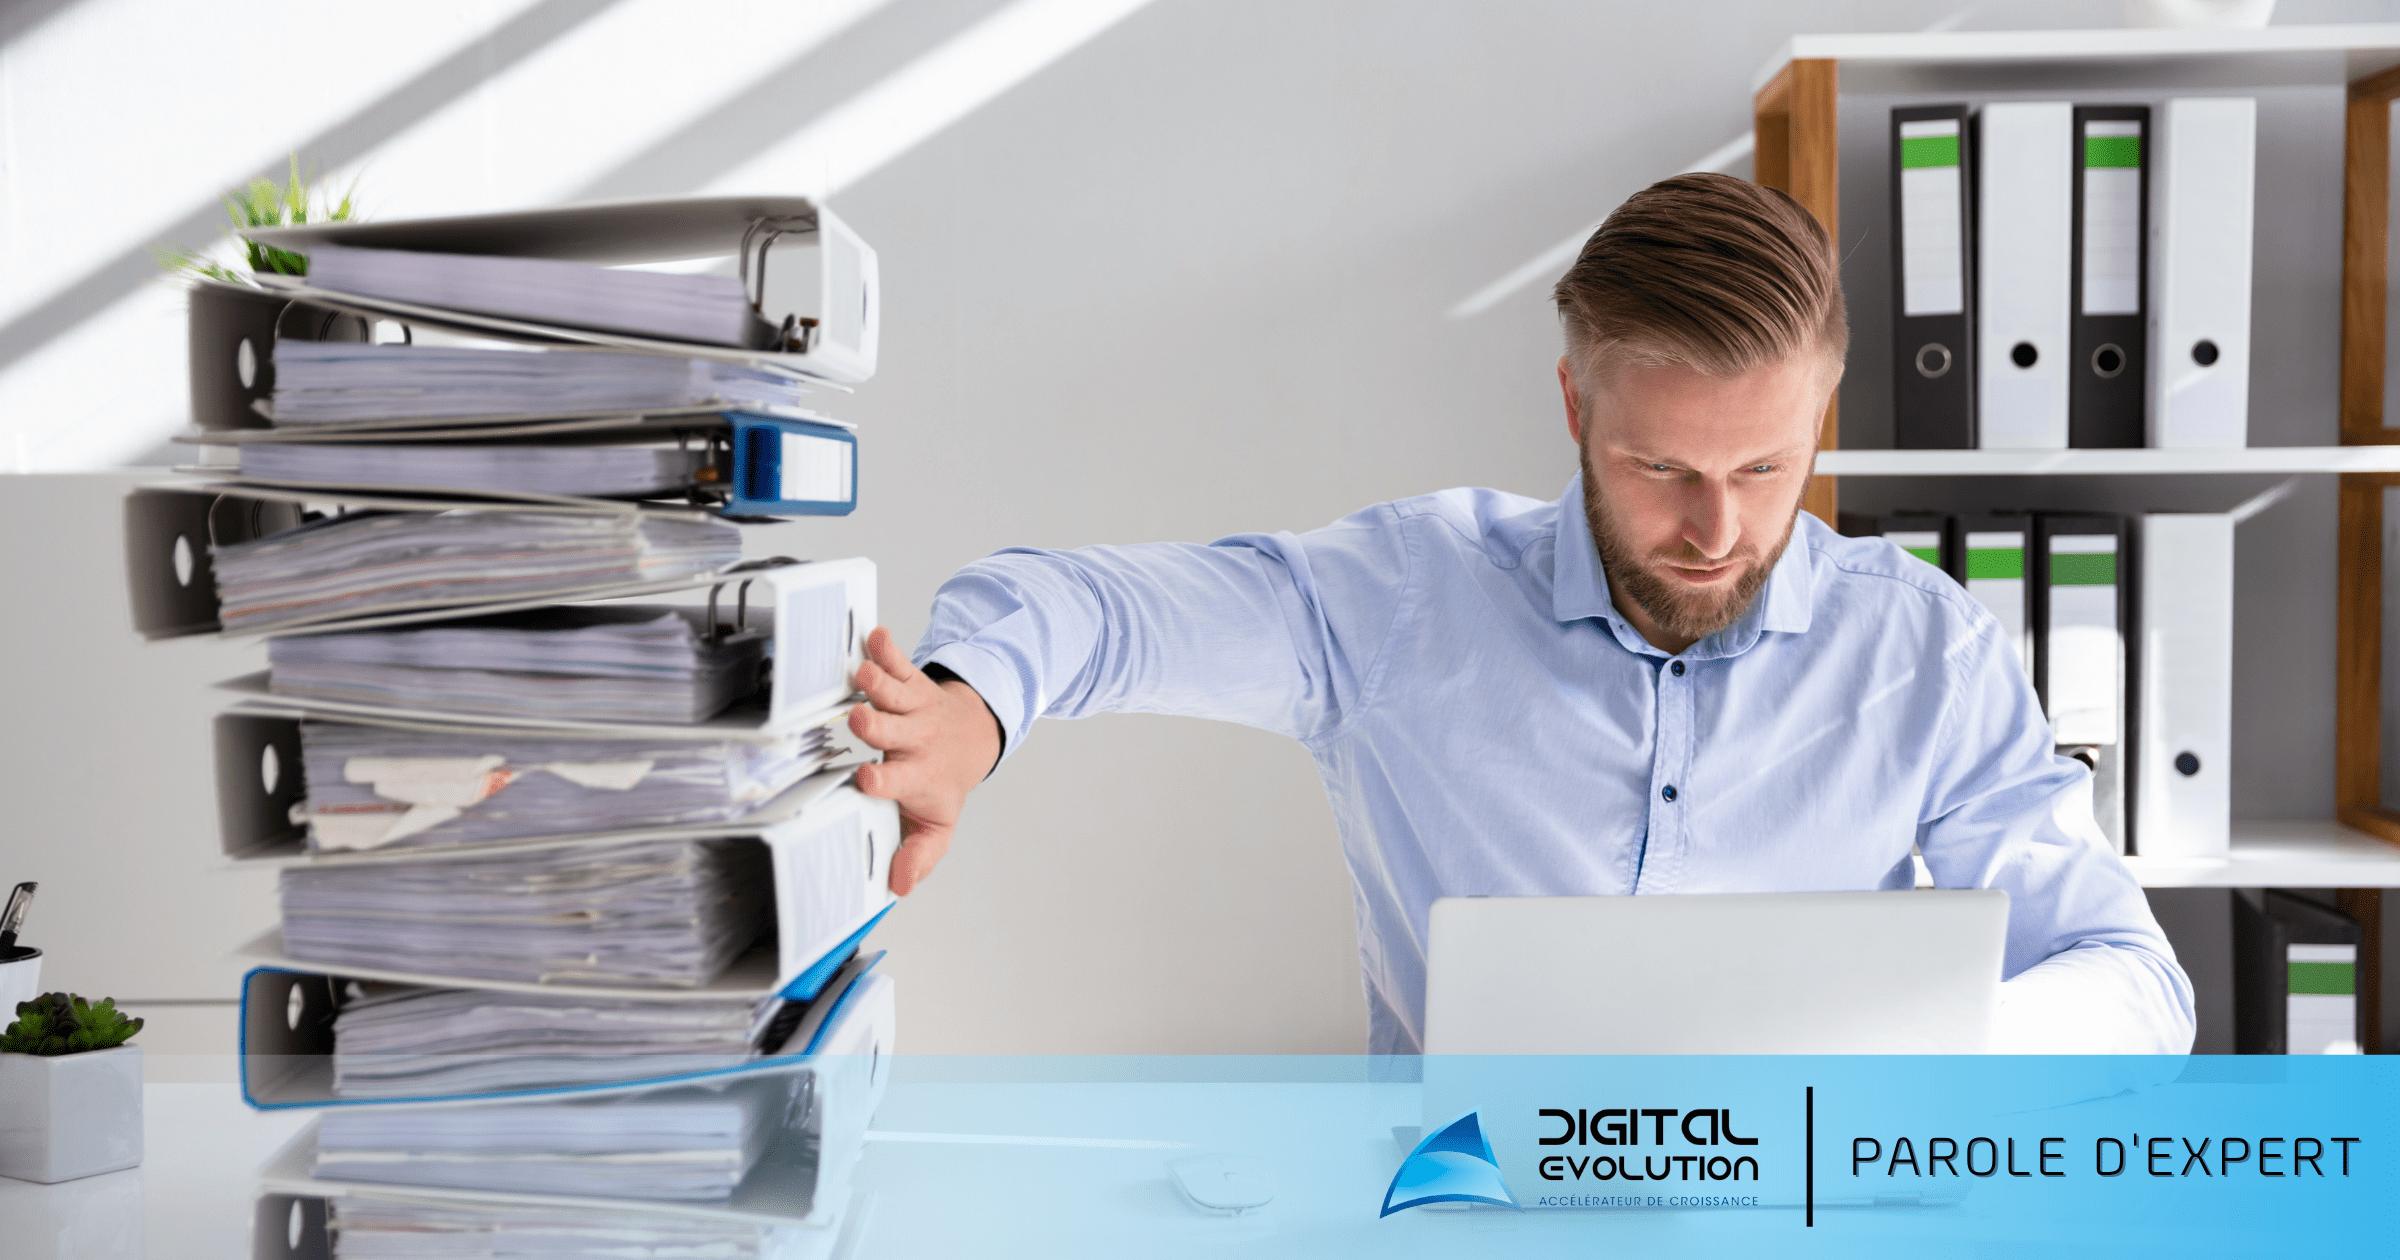 Comment la transformation digitale a profondément changé les stratégies de marketing - Digital Evolution